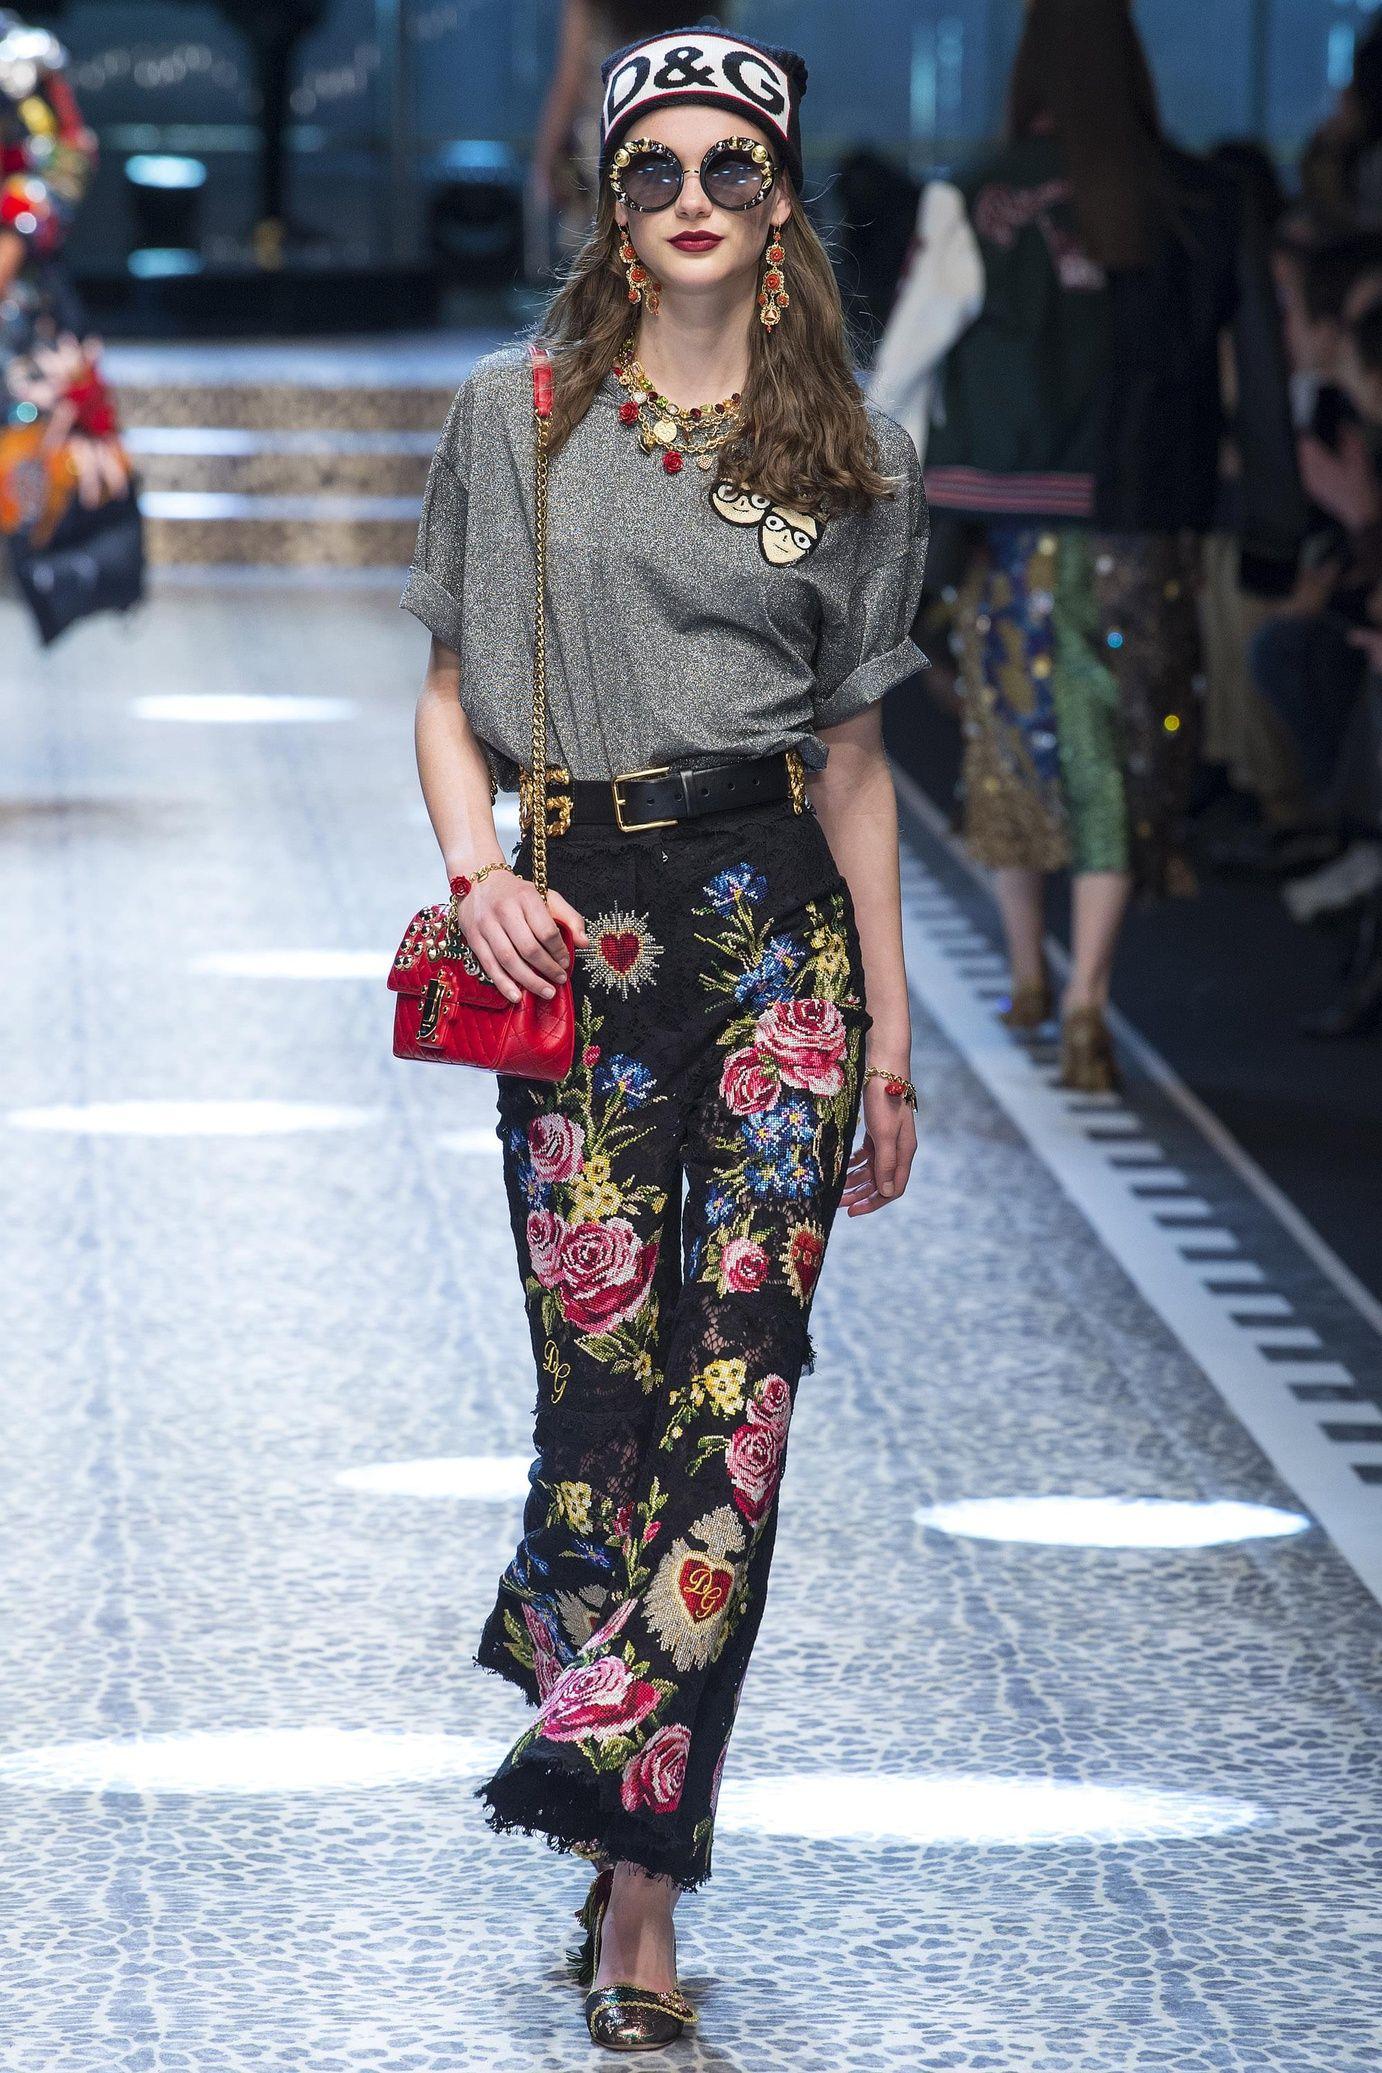 bd6ef2ba889c Défilé Dolce   Gabbana prêt-à-porter femme automne-hiver 2017-2018 50